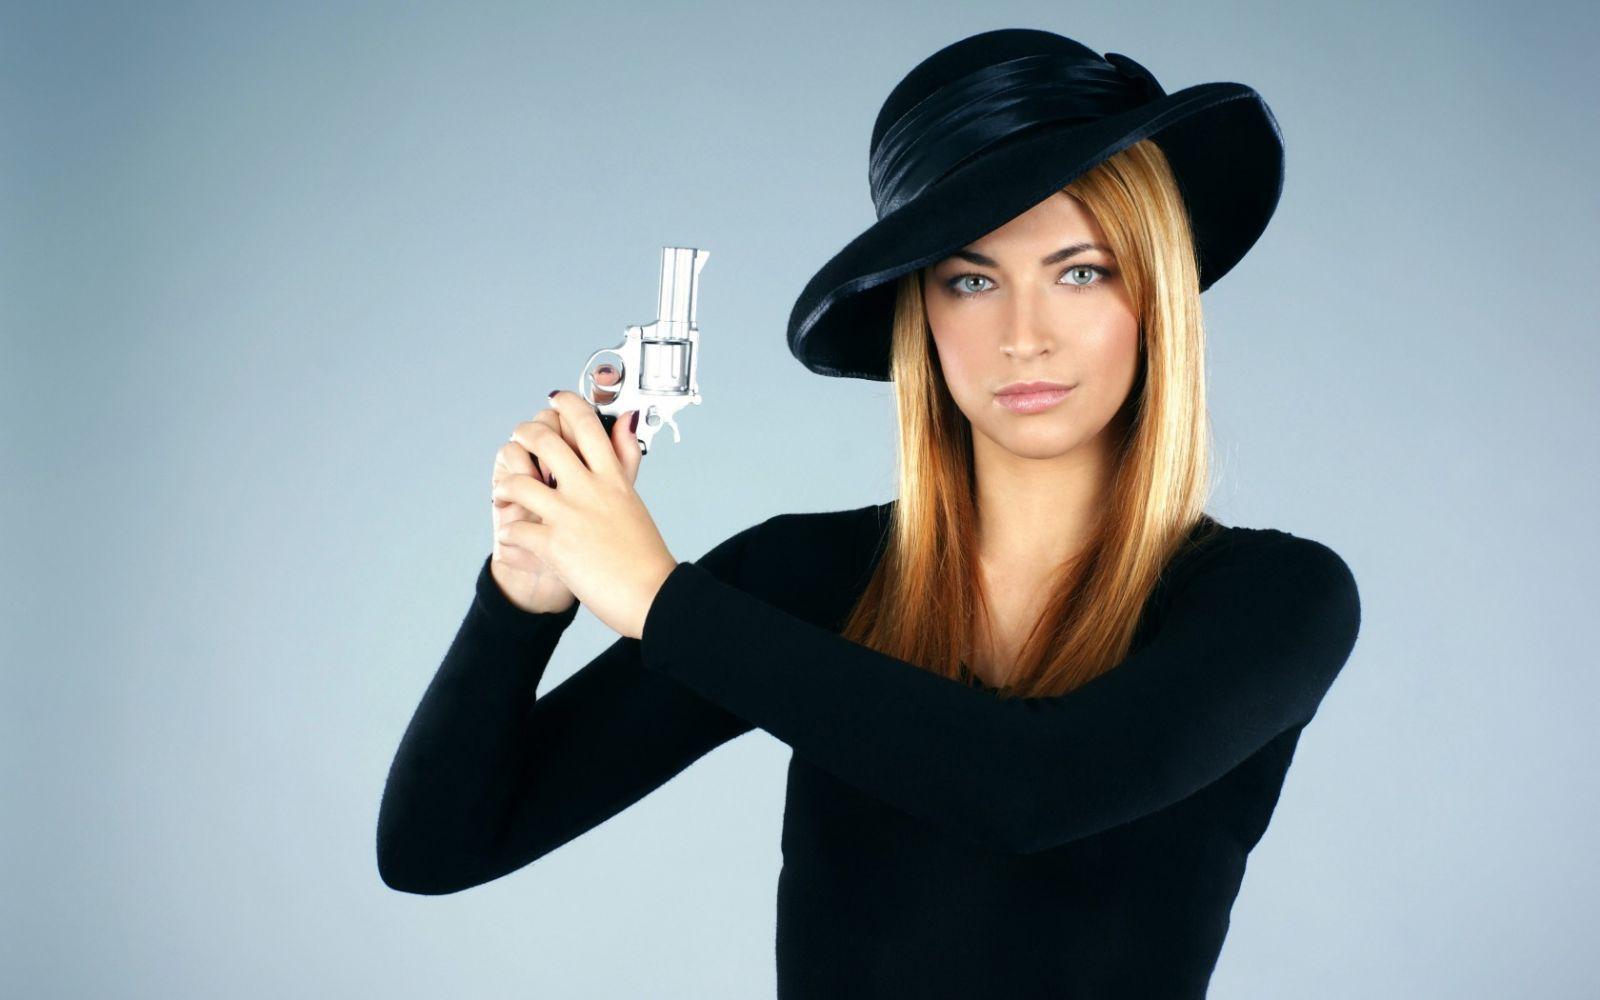 Шпионские фото женщин